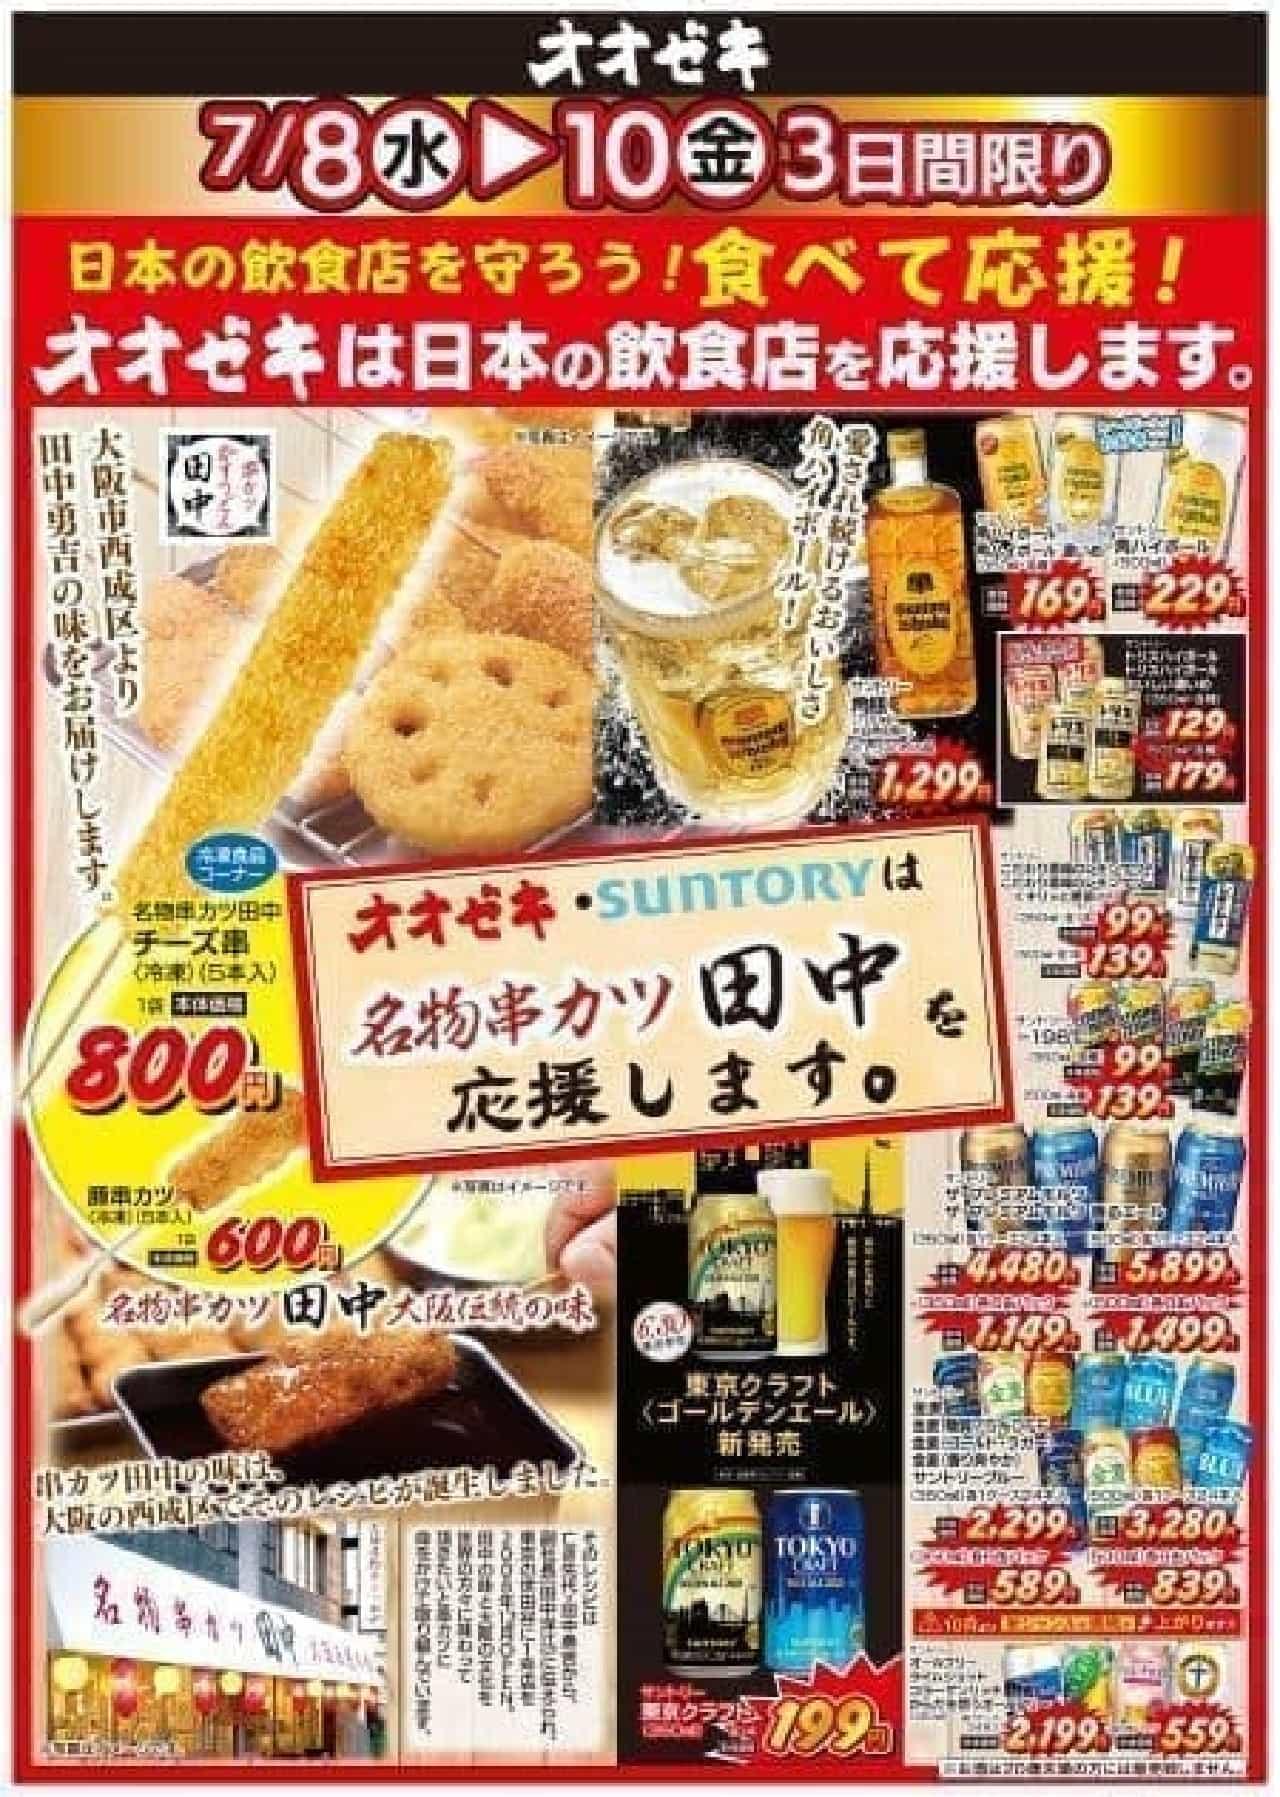 スーパーオオゼキで串カツ田中のチーズ串が3日間限定登場